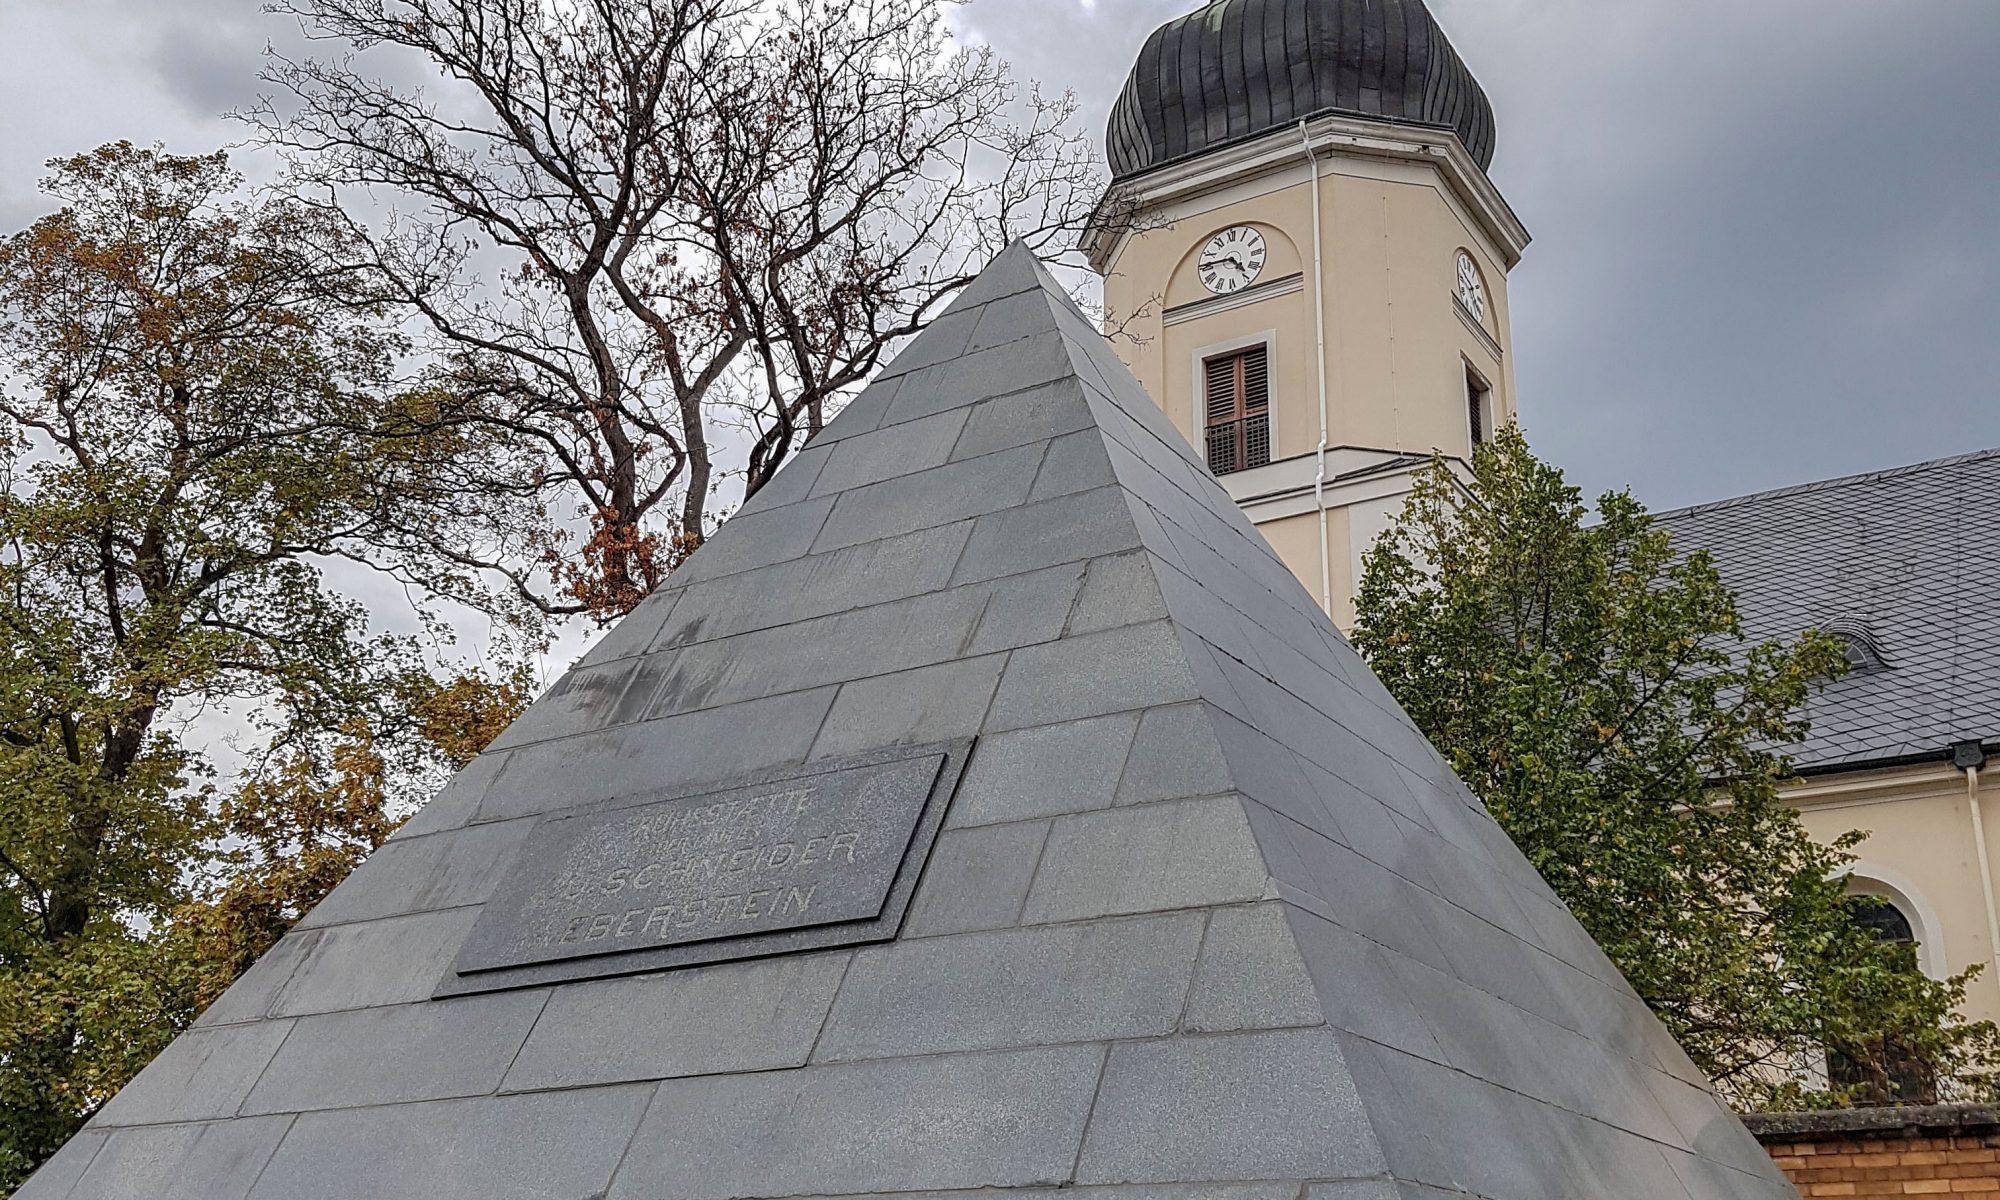 Grabpyramide vor der ev. Gedächstniskirche in Leipzig-Schönefeld